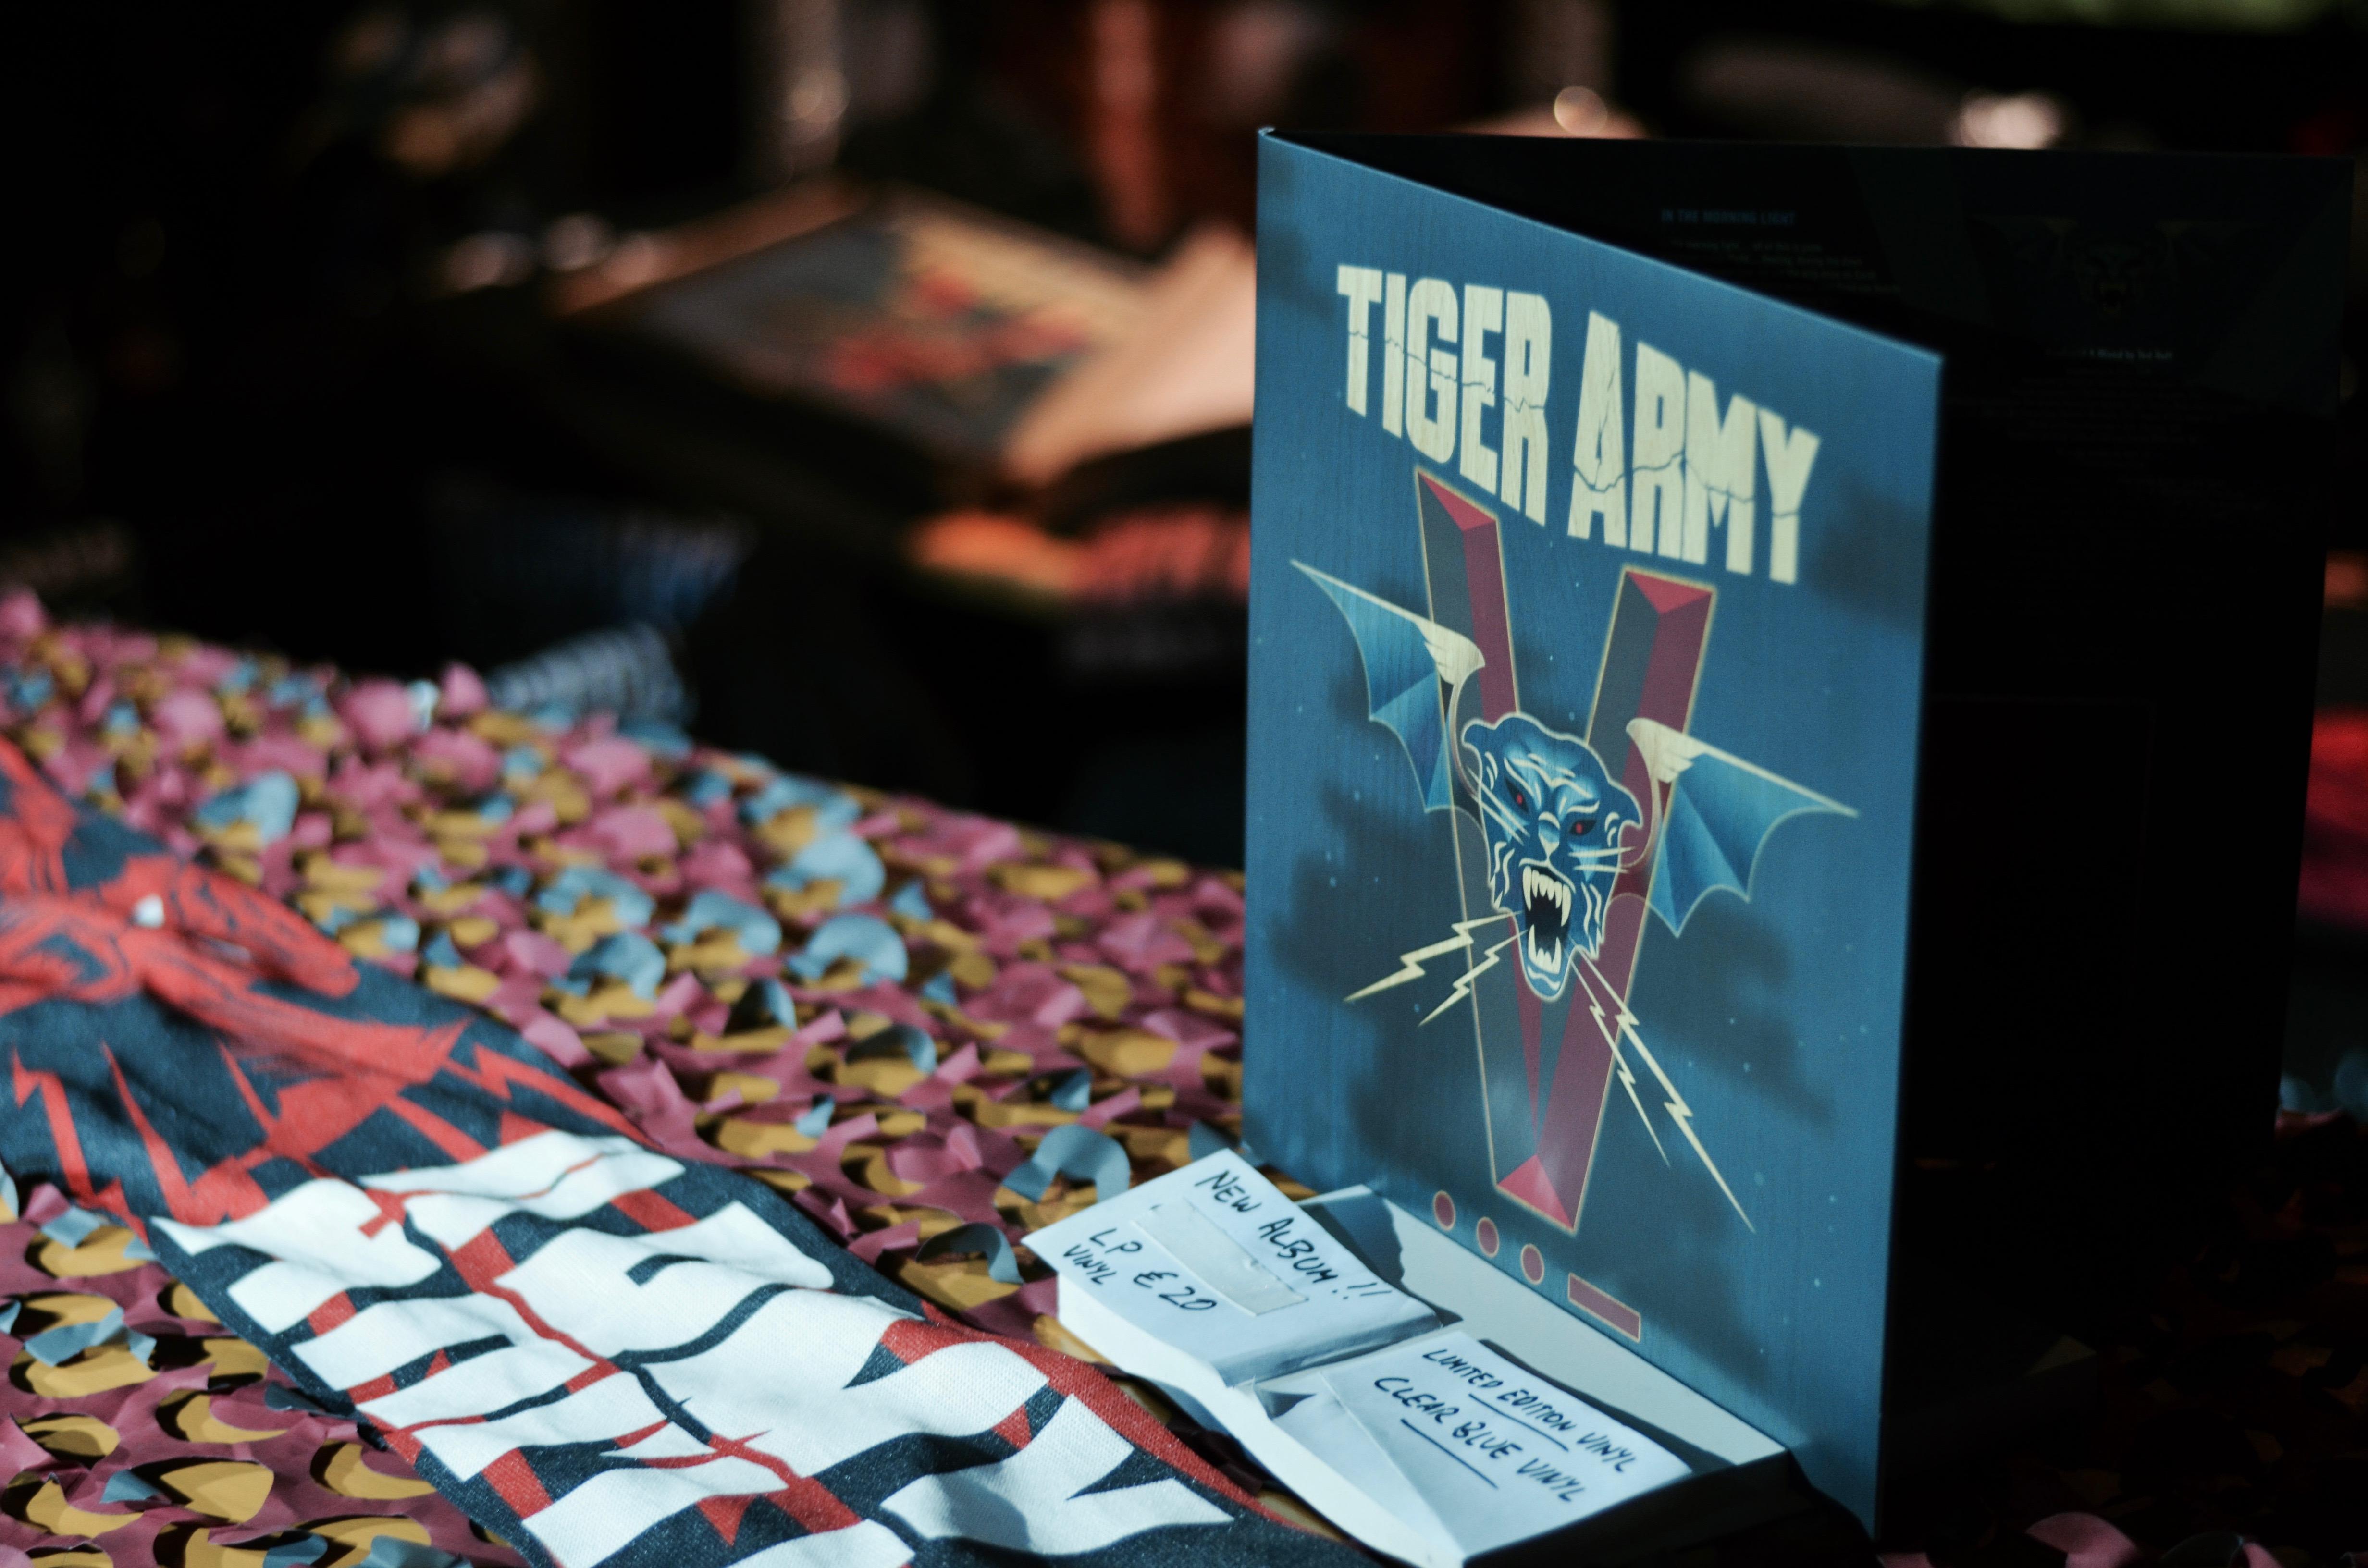 Tiger Army - Andead - Evil Devil @ Bloom Mezzago